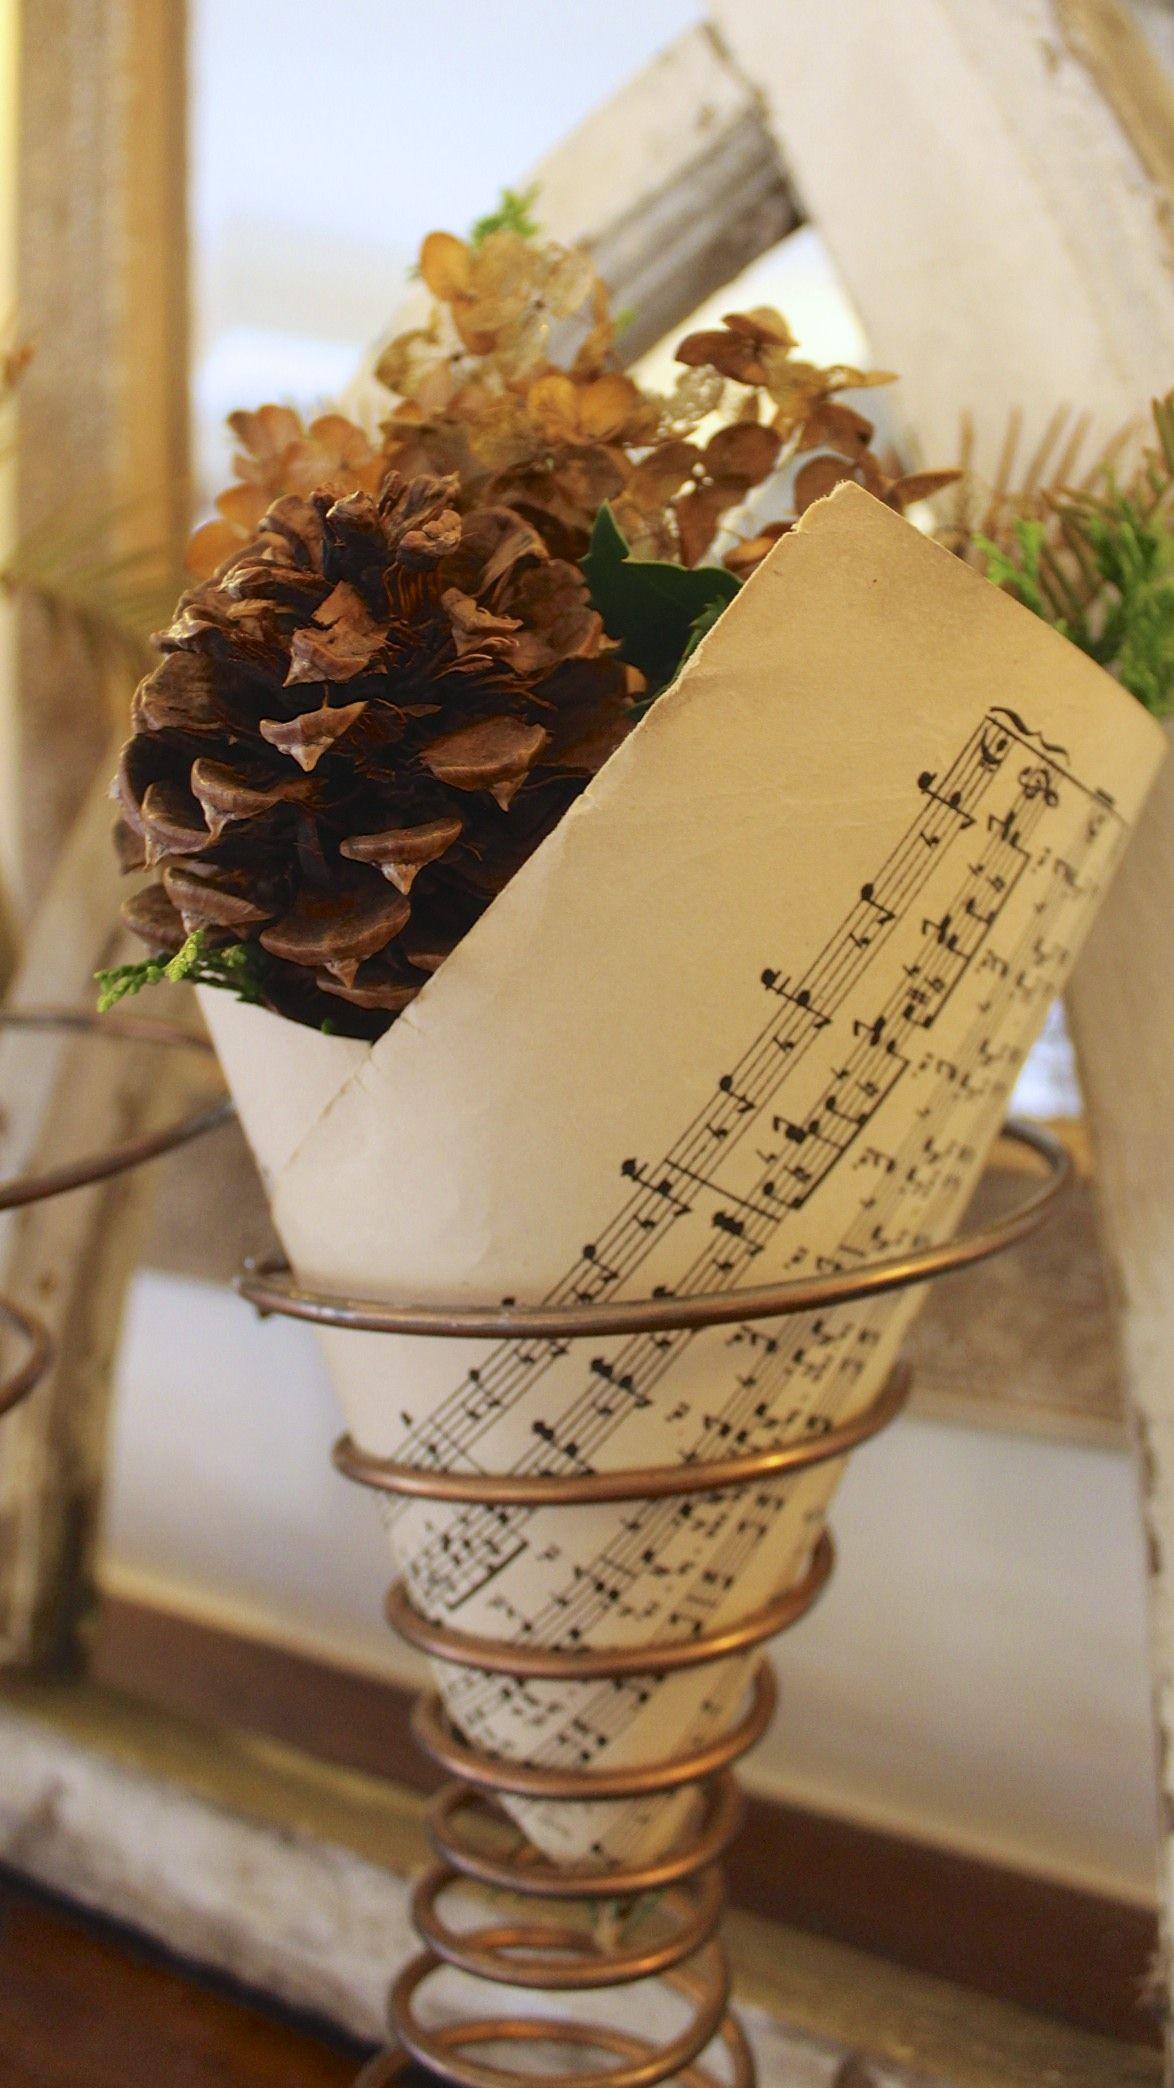 BedSprings Turned Into a Vase Bed spring crafts, Bed